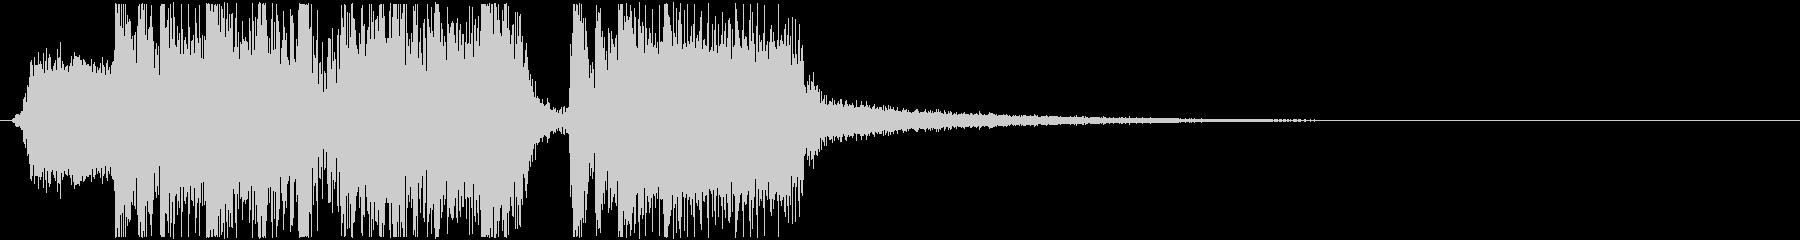 生演奏メタルなアイキャッチ14の未再生の波形